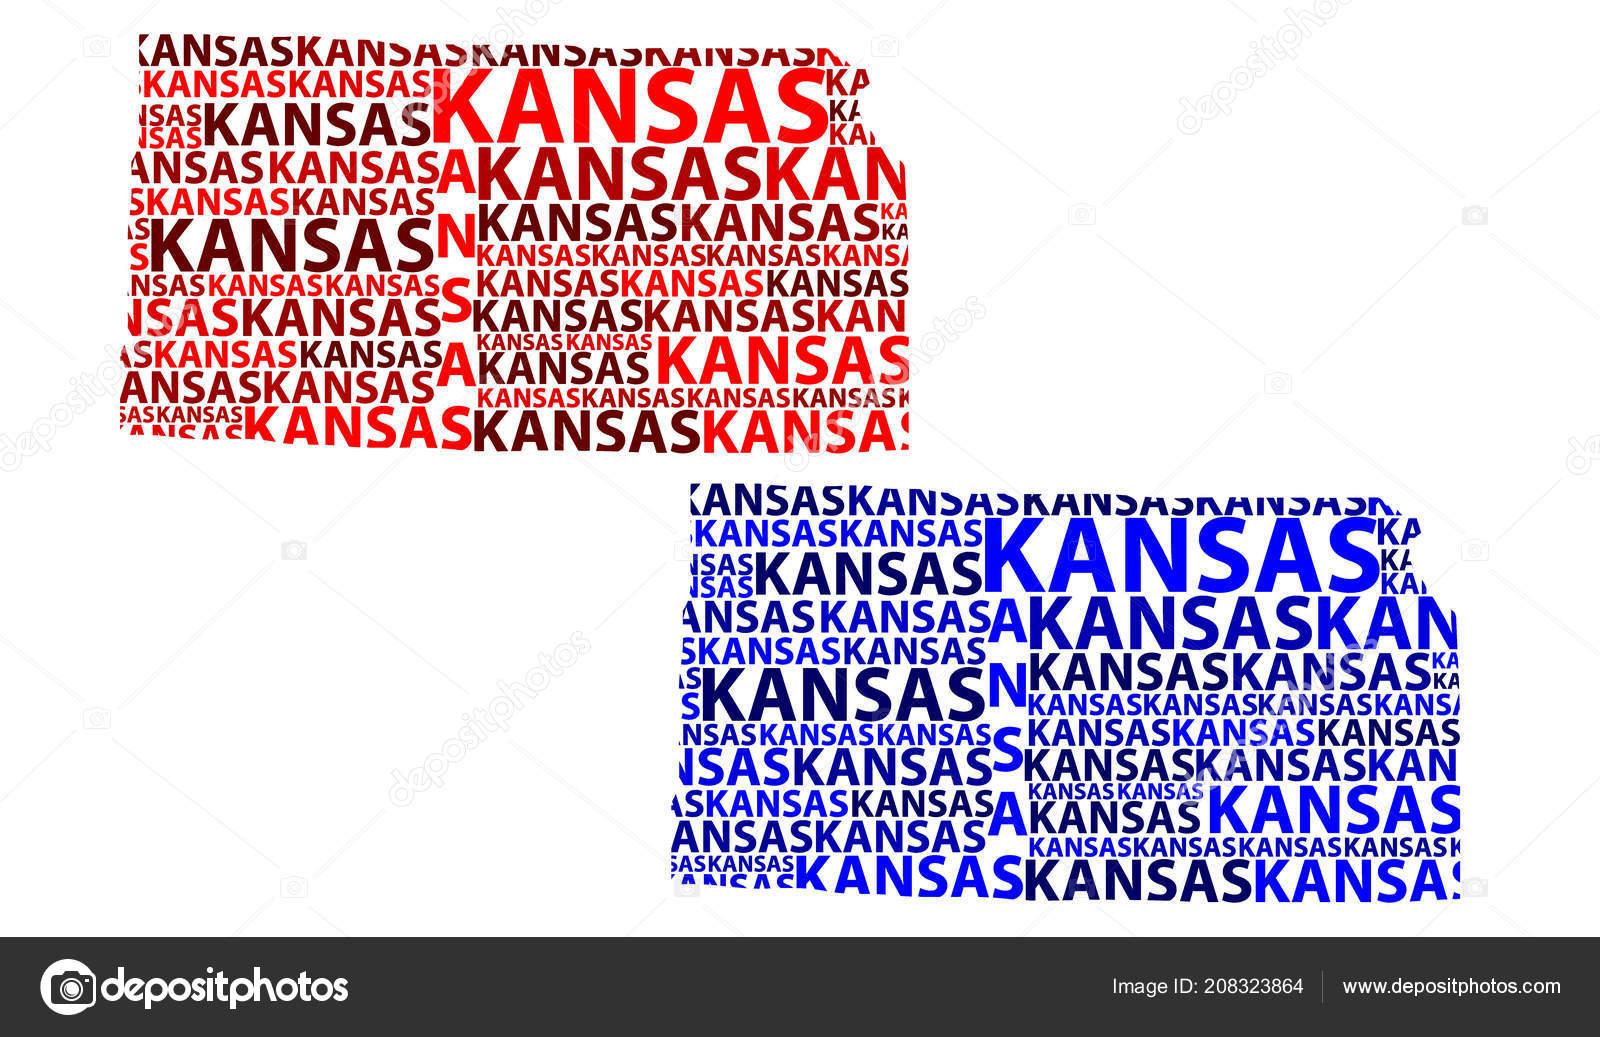 Sketch Kansas United States America Letter Text Map Kansas Map ... on county map kansas, kansas city map kansas, oregon trail map kansas, missouri map kansas, iowa kansas, ogallala aquifer map kansas, detailed map kansas, location of kansas, amtrak map kansas, earth map kansas, texas map kansas, map of kansas, world map kansas, fracking map kansas, all towns in kansas, nebraska map kansas, us map wichita kansas, states that border kansas, meridian map kansas, us state map kansas,